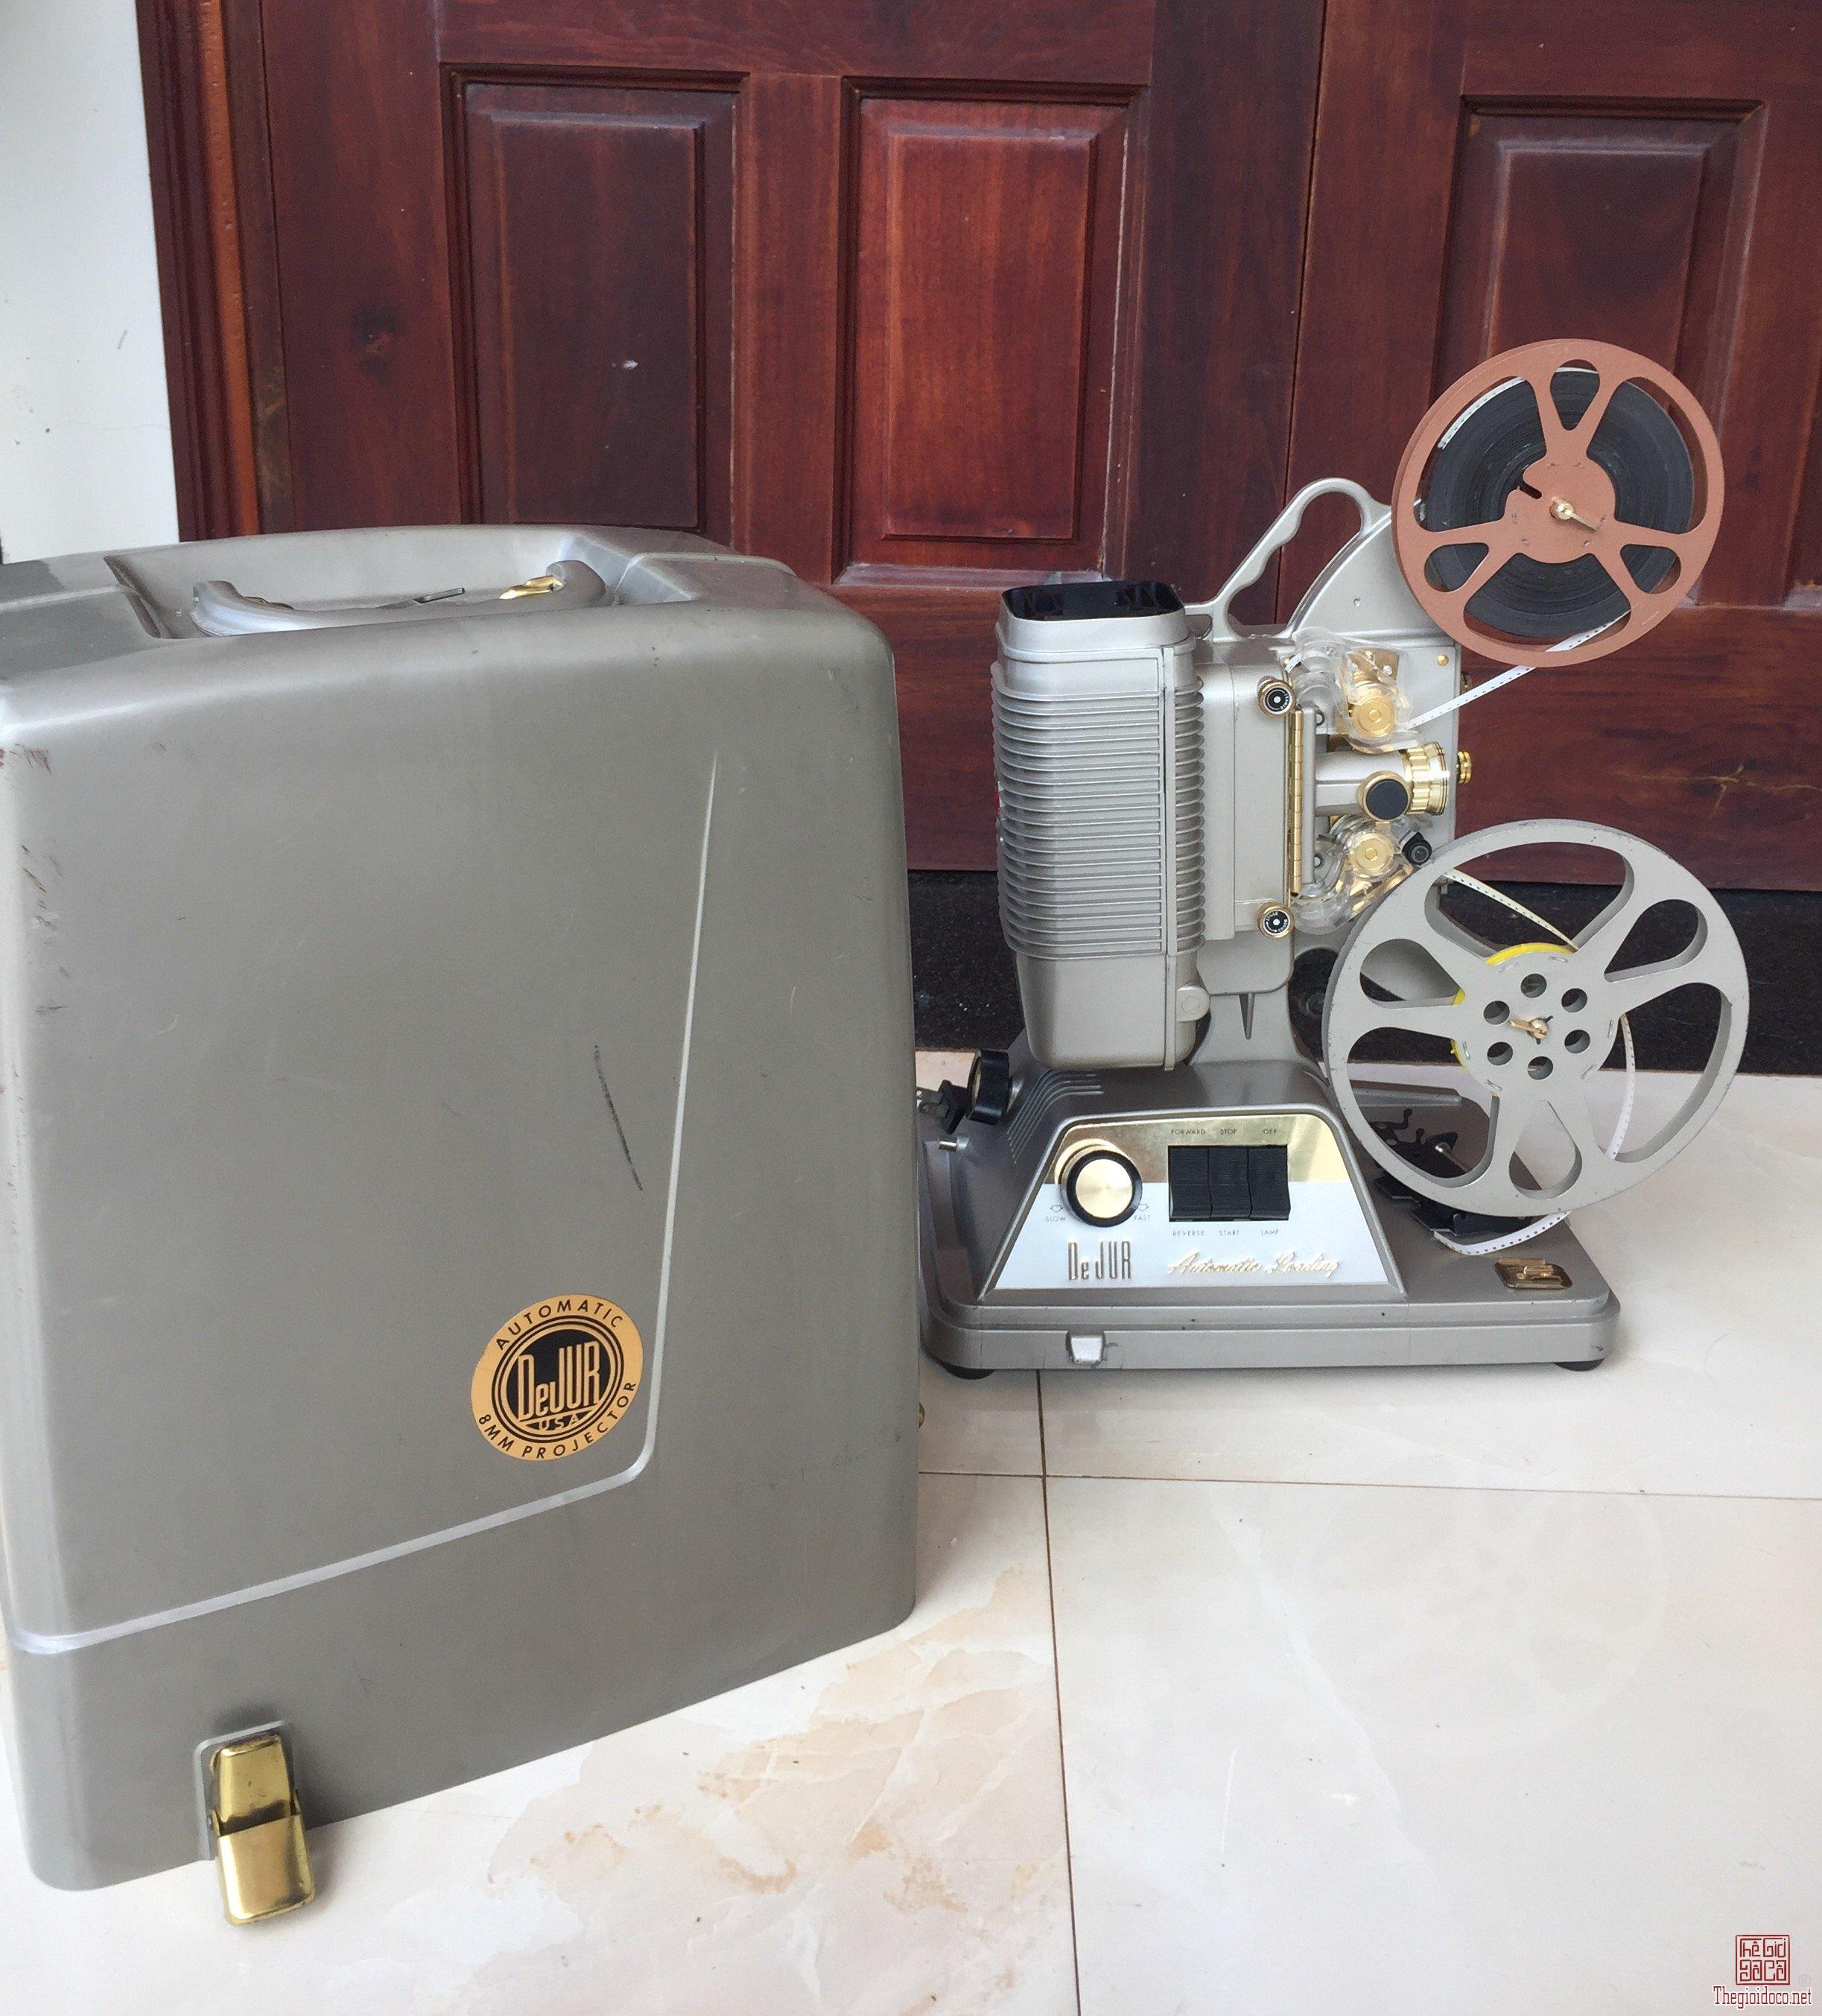 Máy chiếu phim cổ 8mm của Mỹ sản xuất thập niên 50 còn sử dụng tốt, nguyên hộp